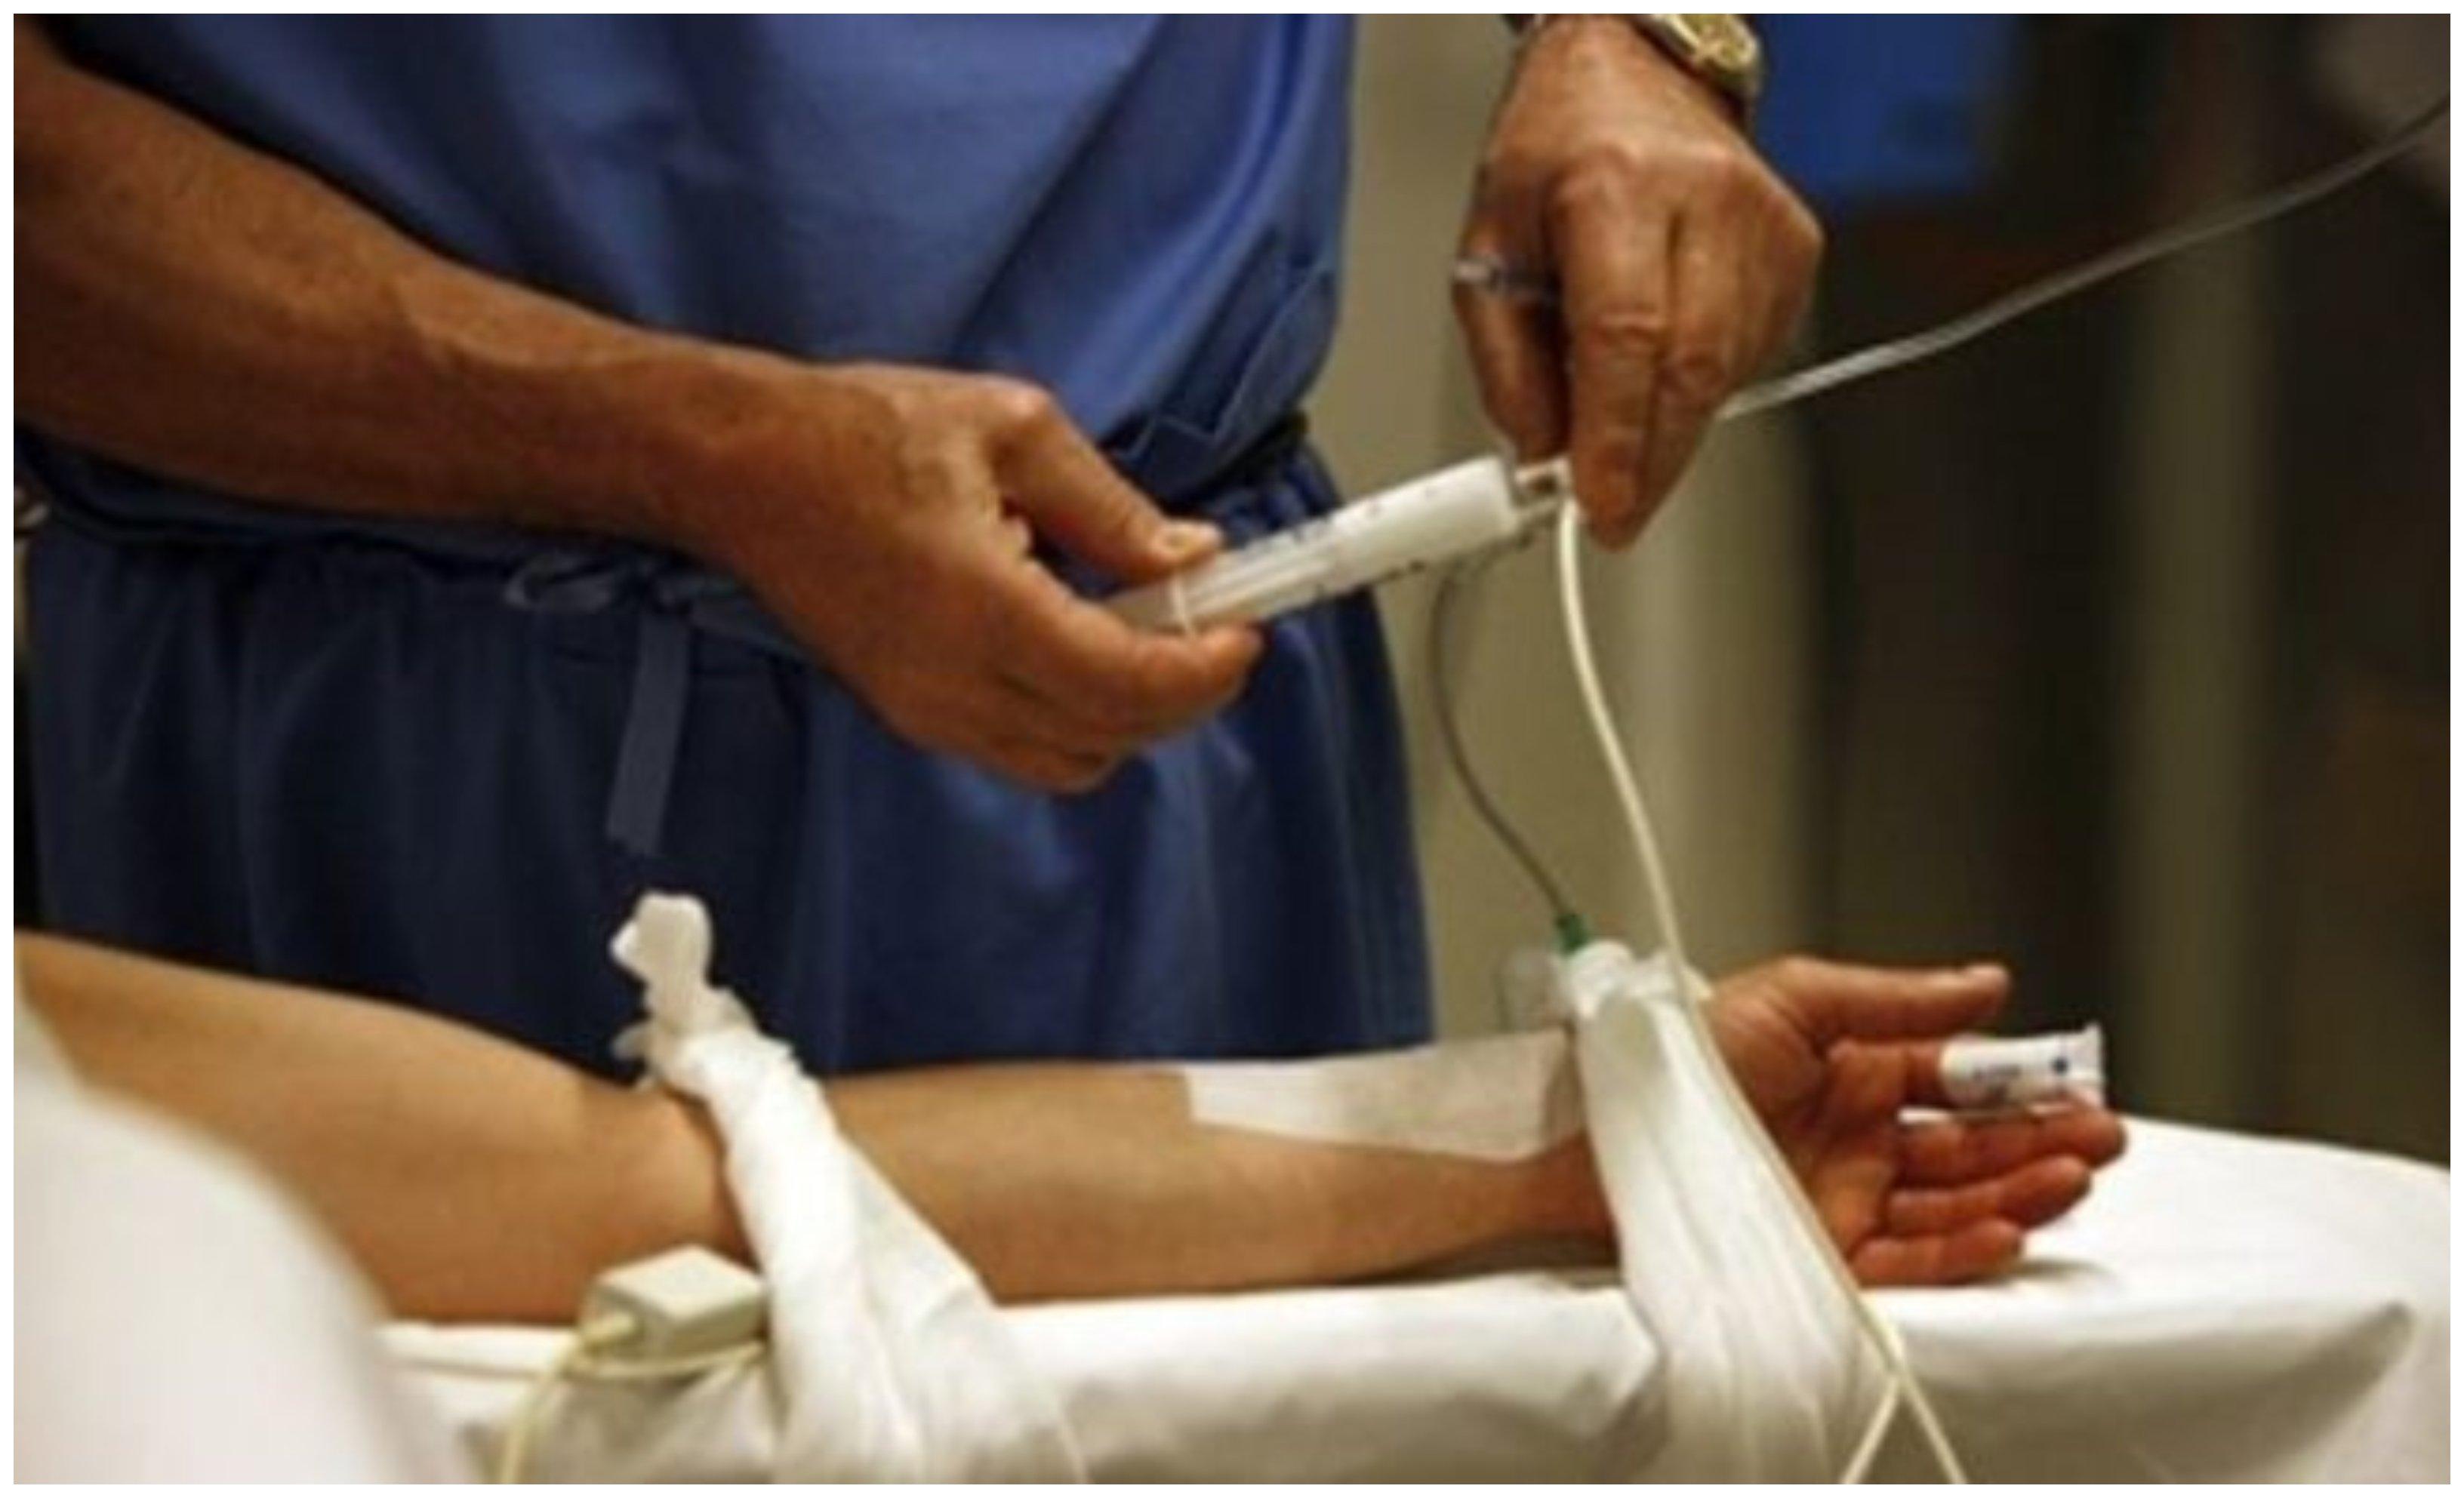 Portugal. La Iglesia impulsa la recogida de firmas para frenar la aprobación de la eutanasia, prevista el jueves 20